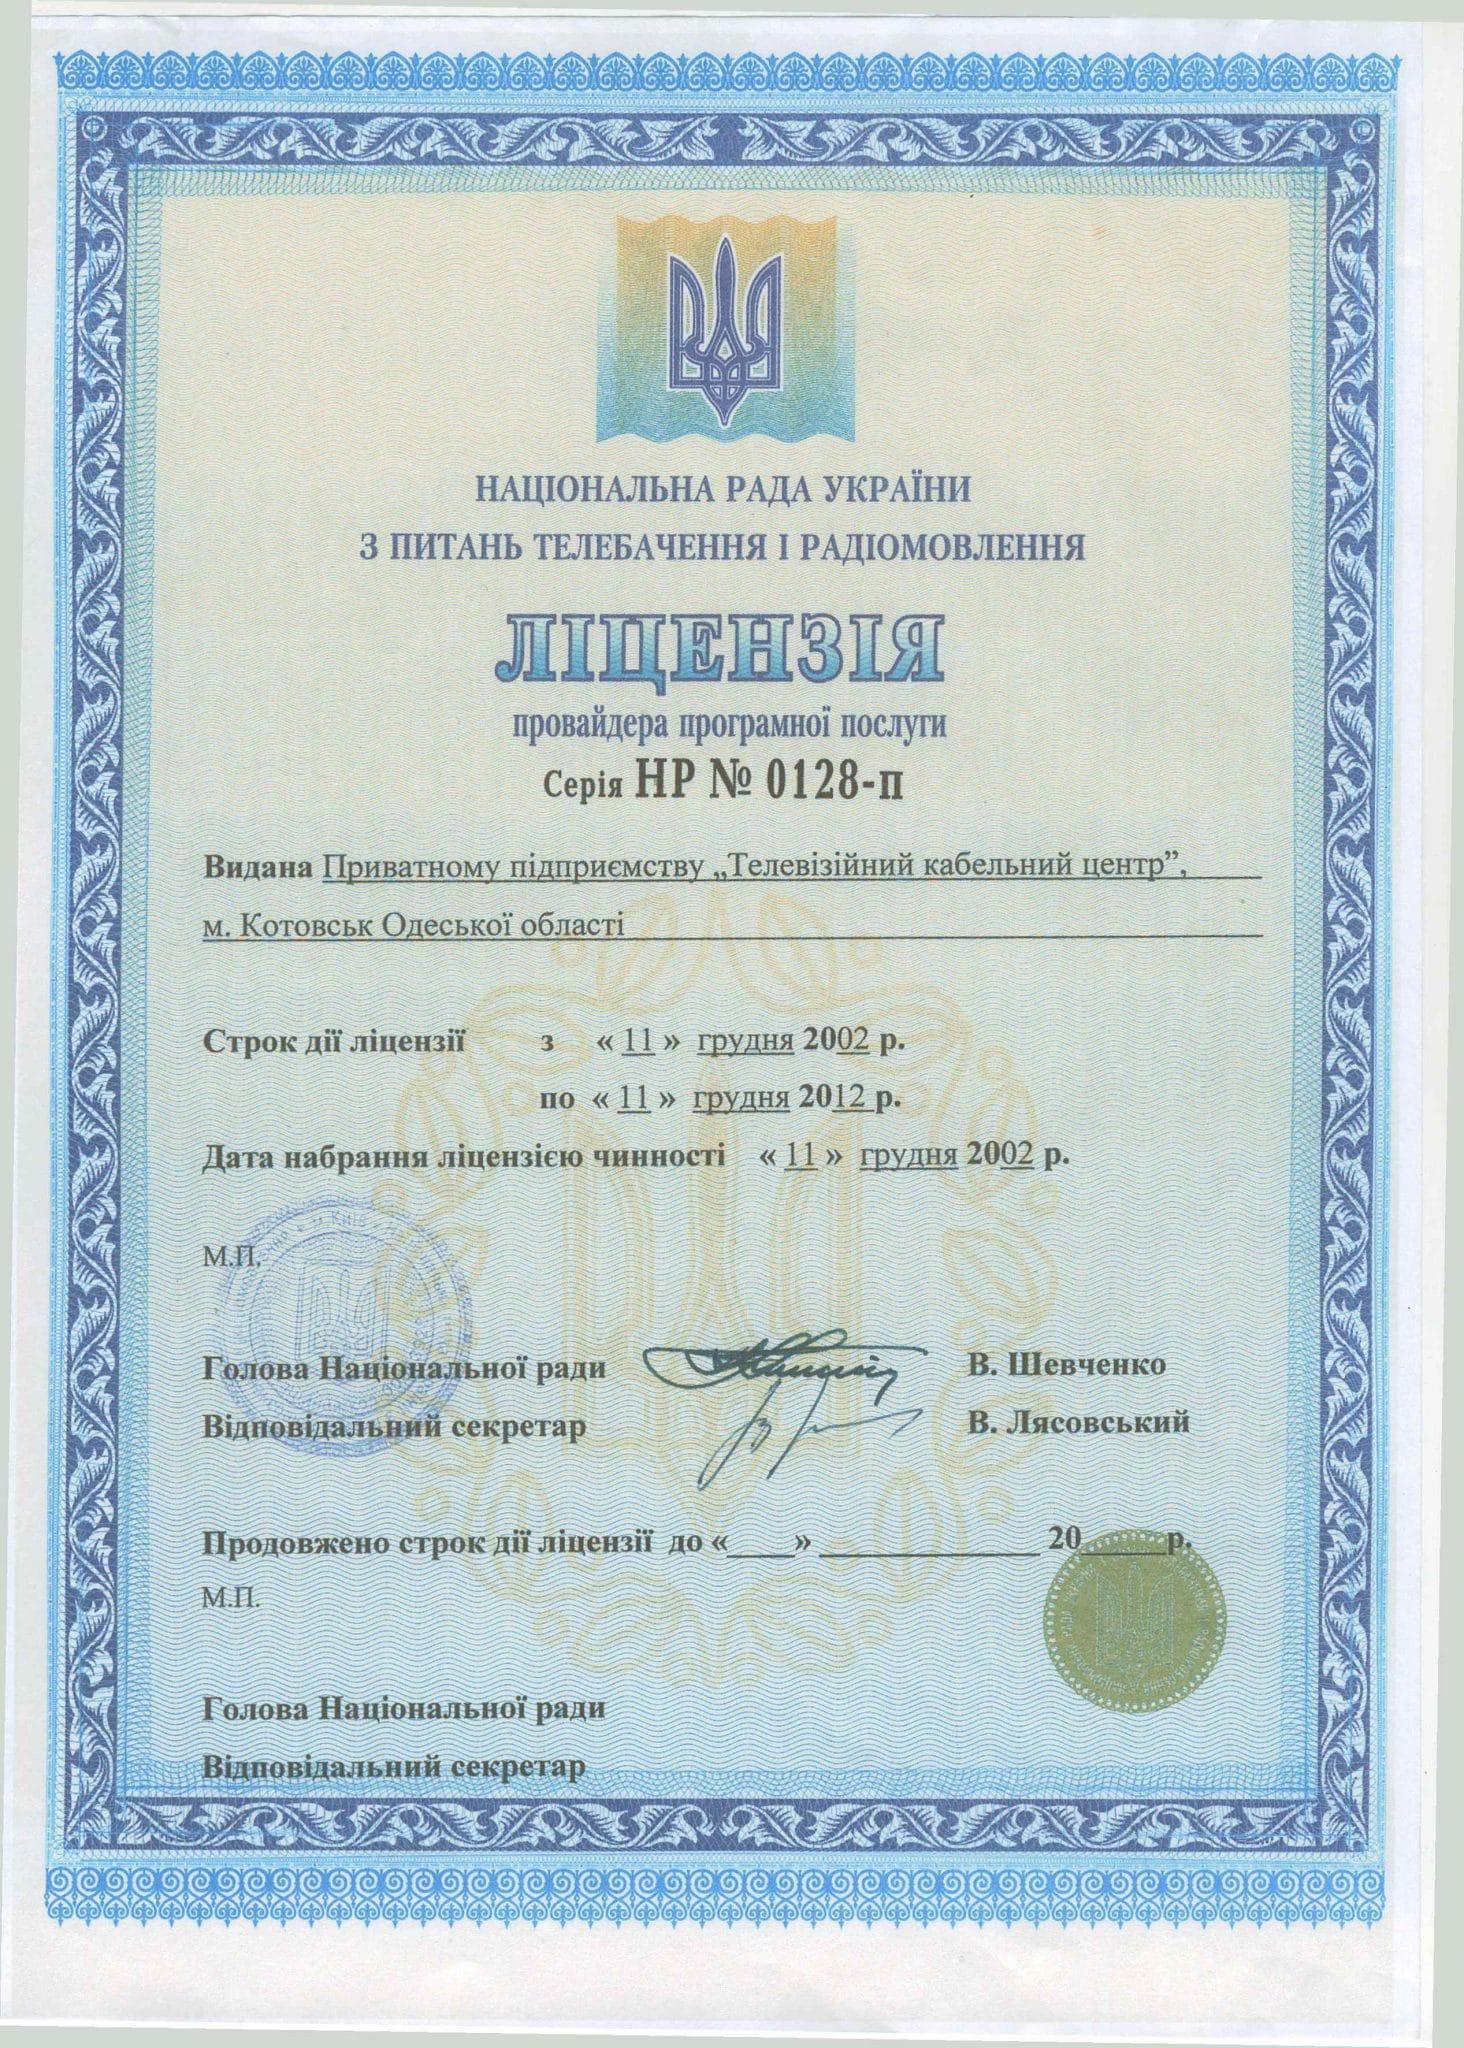 Лицензия провайдера программной услуги